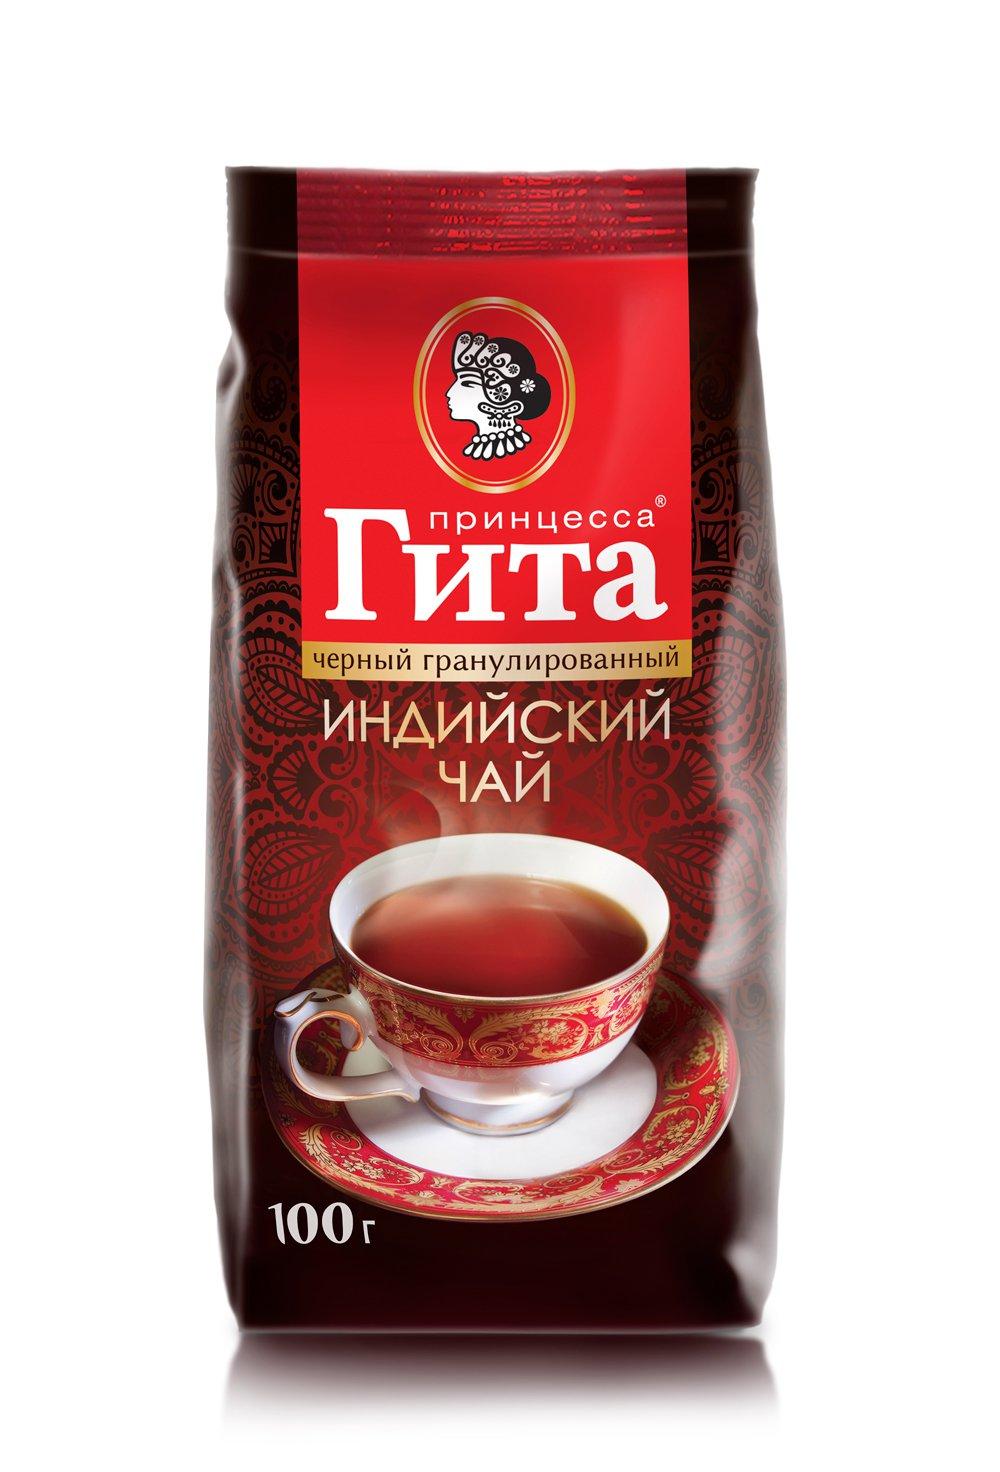 Чай Принцесса Гита Медиум Гранулиров. Черный 100 гр мяг/уп